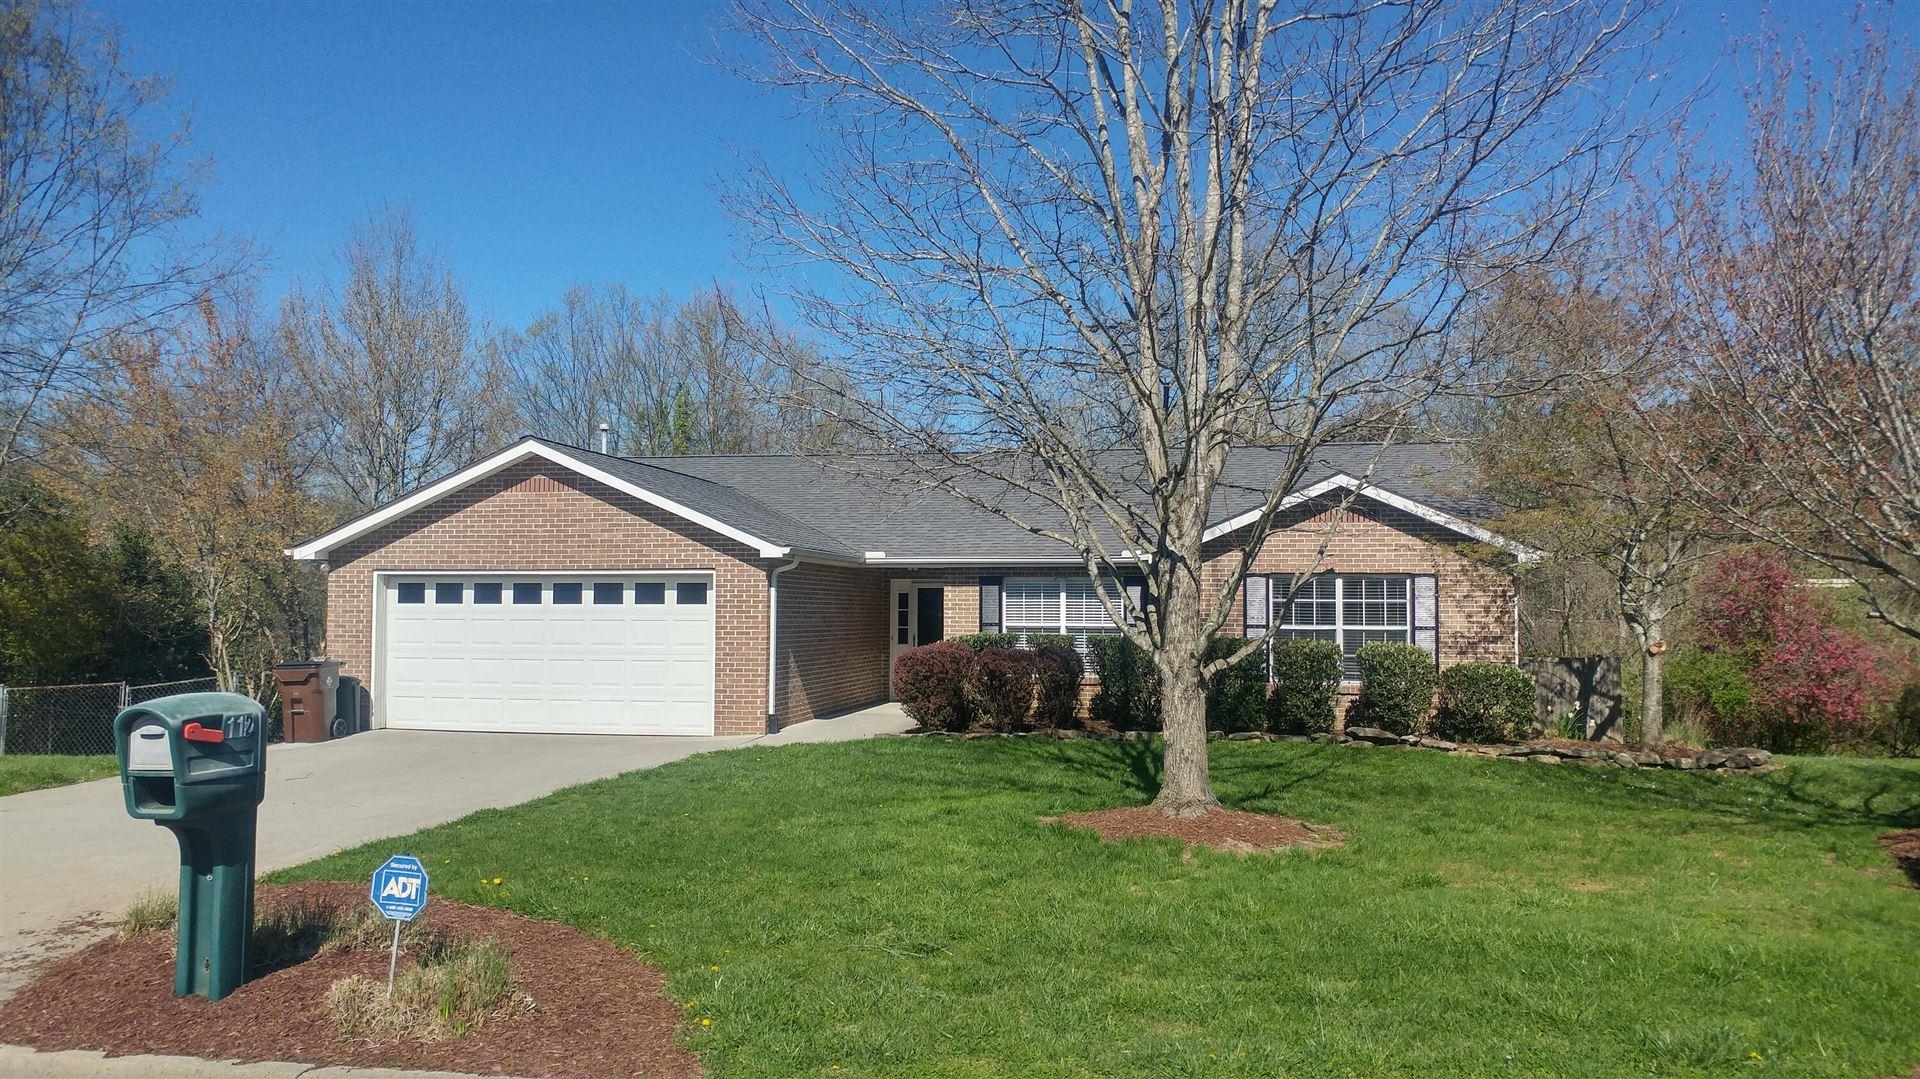 Photo of 112 Capital Circle, Oak Ridge, TN 37830 (MLS # 1147930)